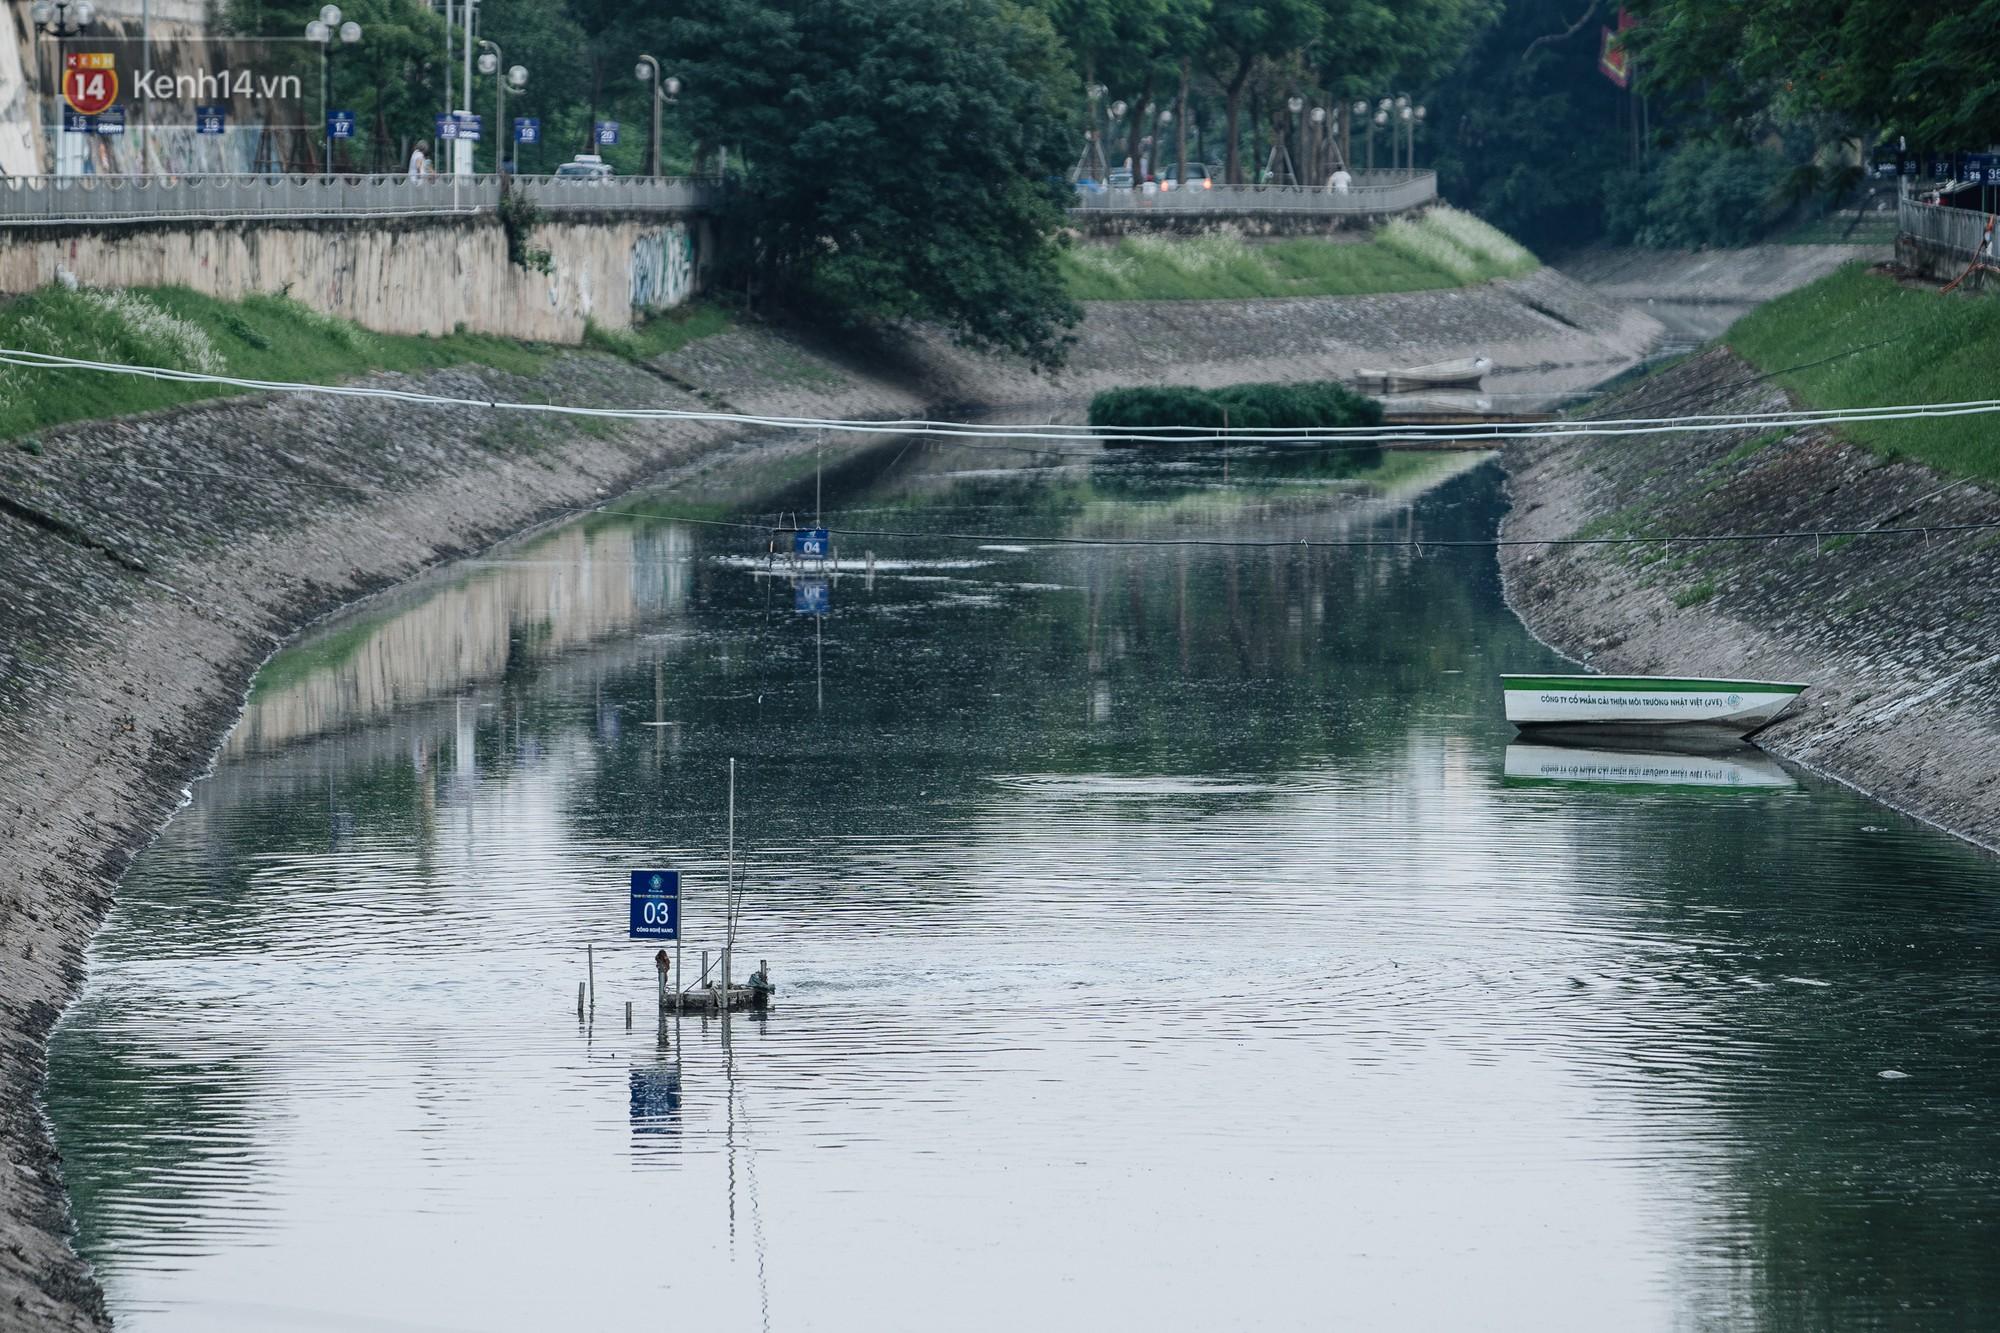 Sông Tô Lịch đổi màu sau khi làm sạch bằng công nghệ Nhật Bản: Hoa lau xanh mướt, người dân thư thả câu cá - Ảnh 2.